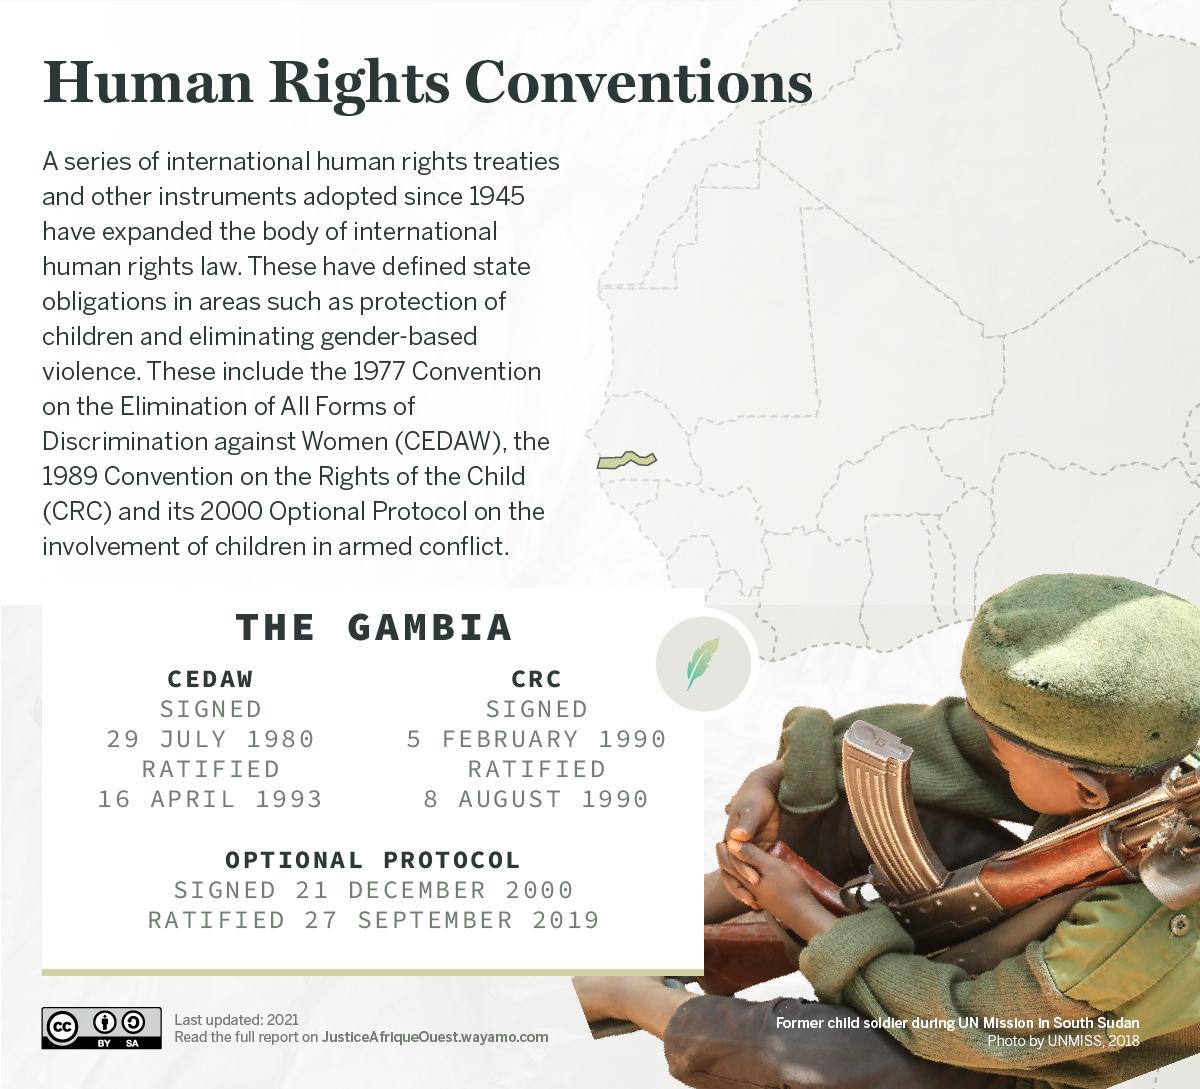 __GAMBIA_Human Rights Conventions_2 - Wayamo Foundation (CC BY-SA 4.0)